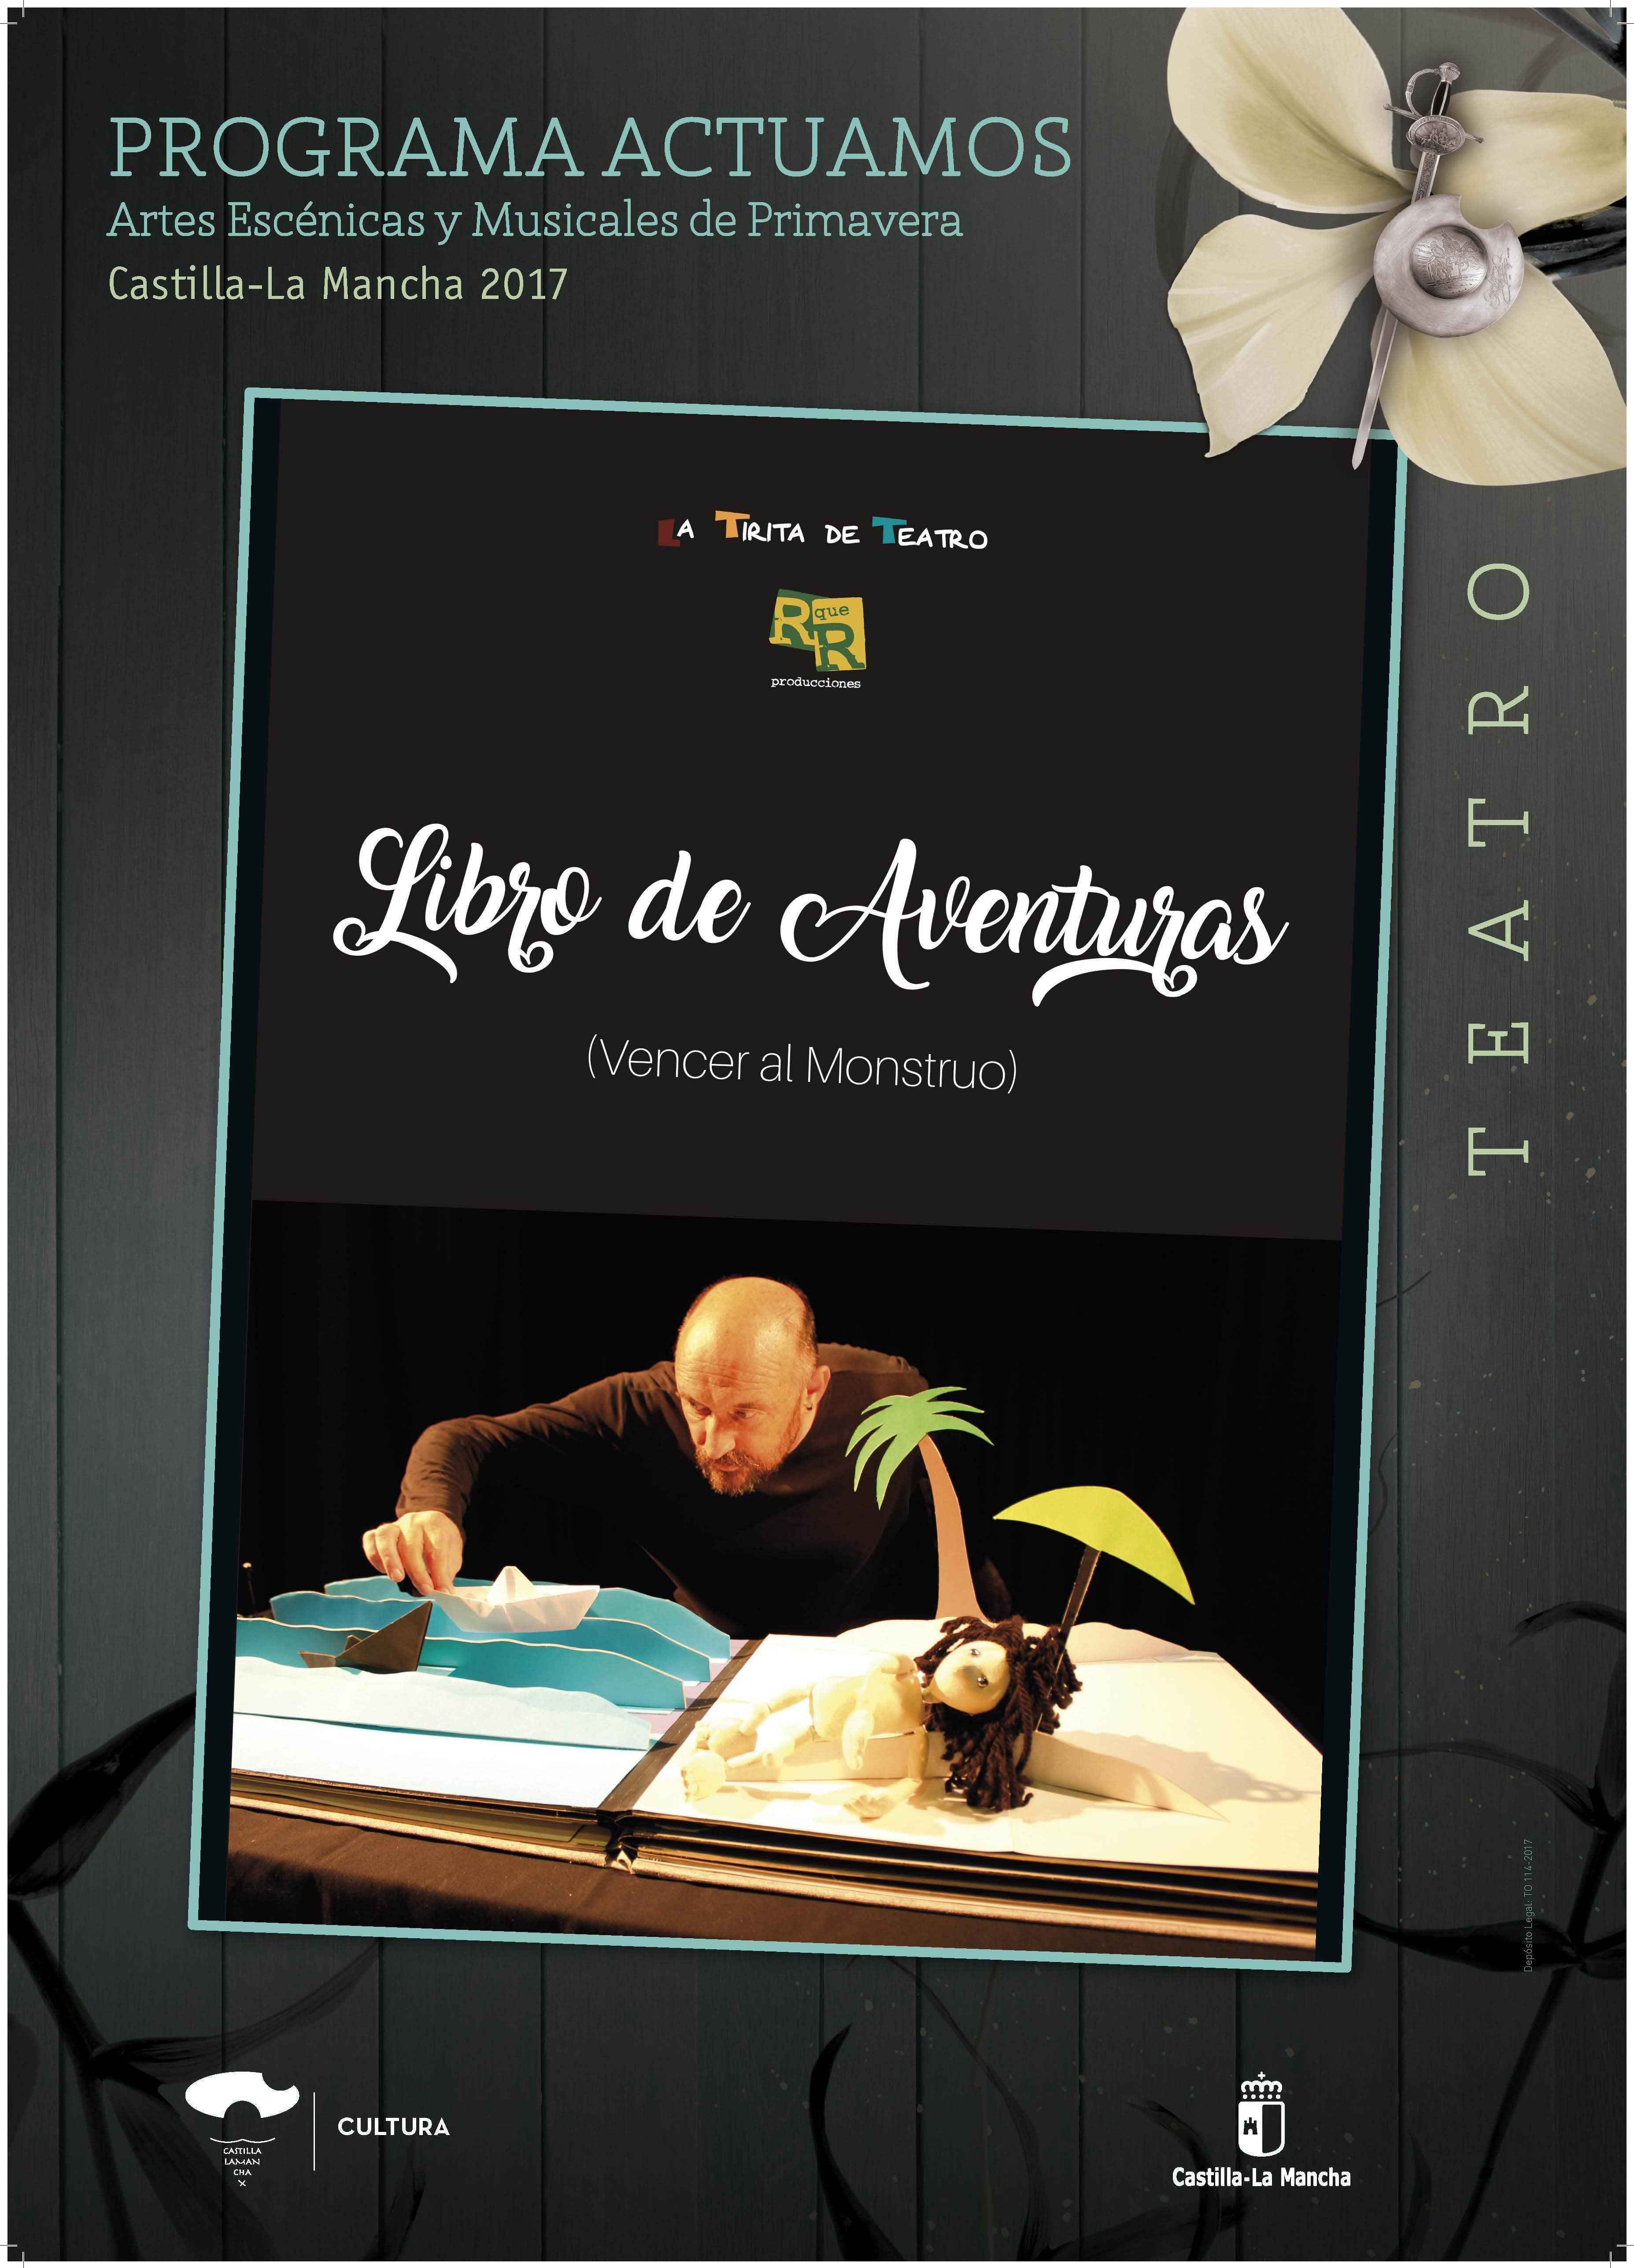 Imagen de la actividad UN LIBRO DE AVENTURAS, VENCER AL MONSTRUO (R que R Producciones)